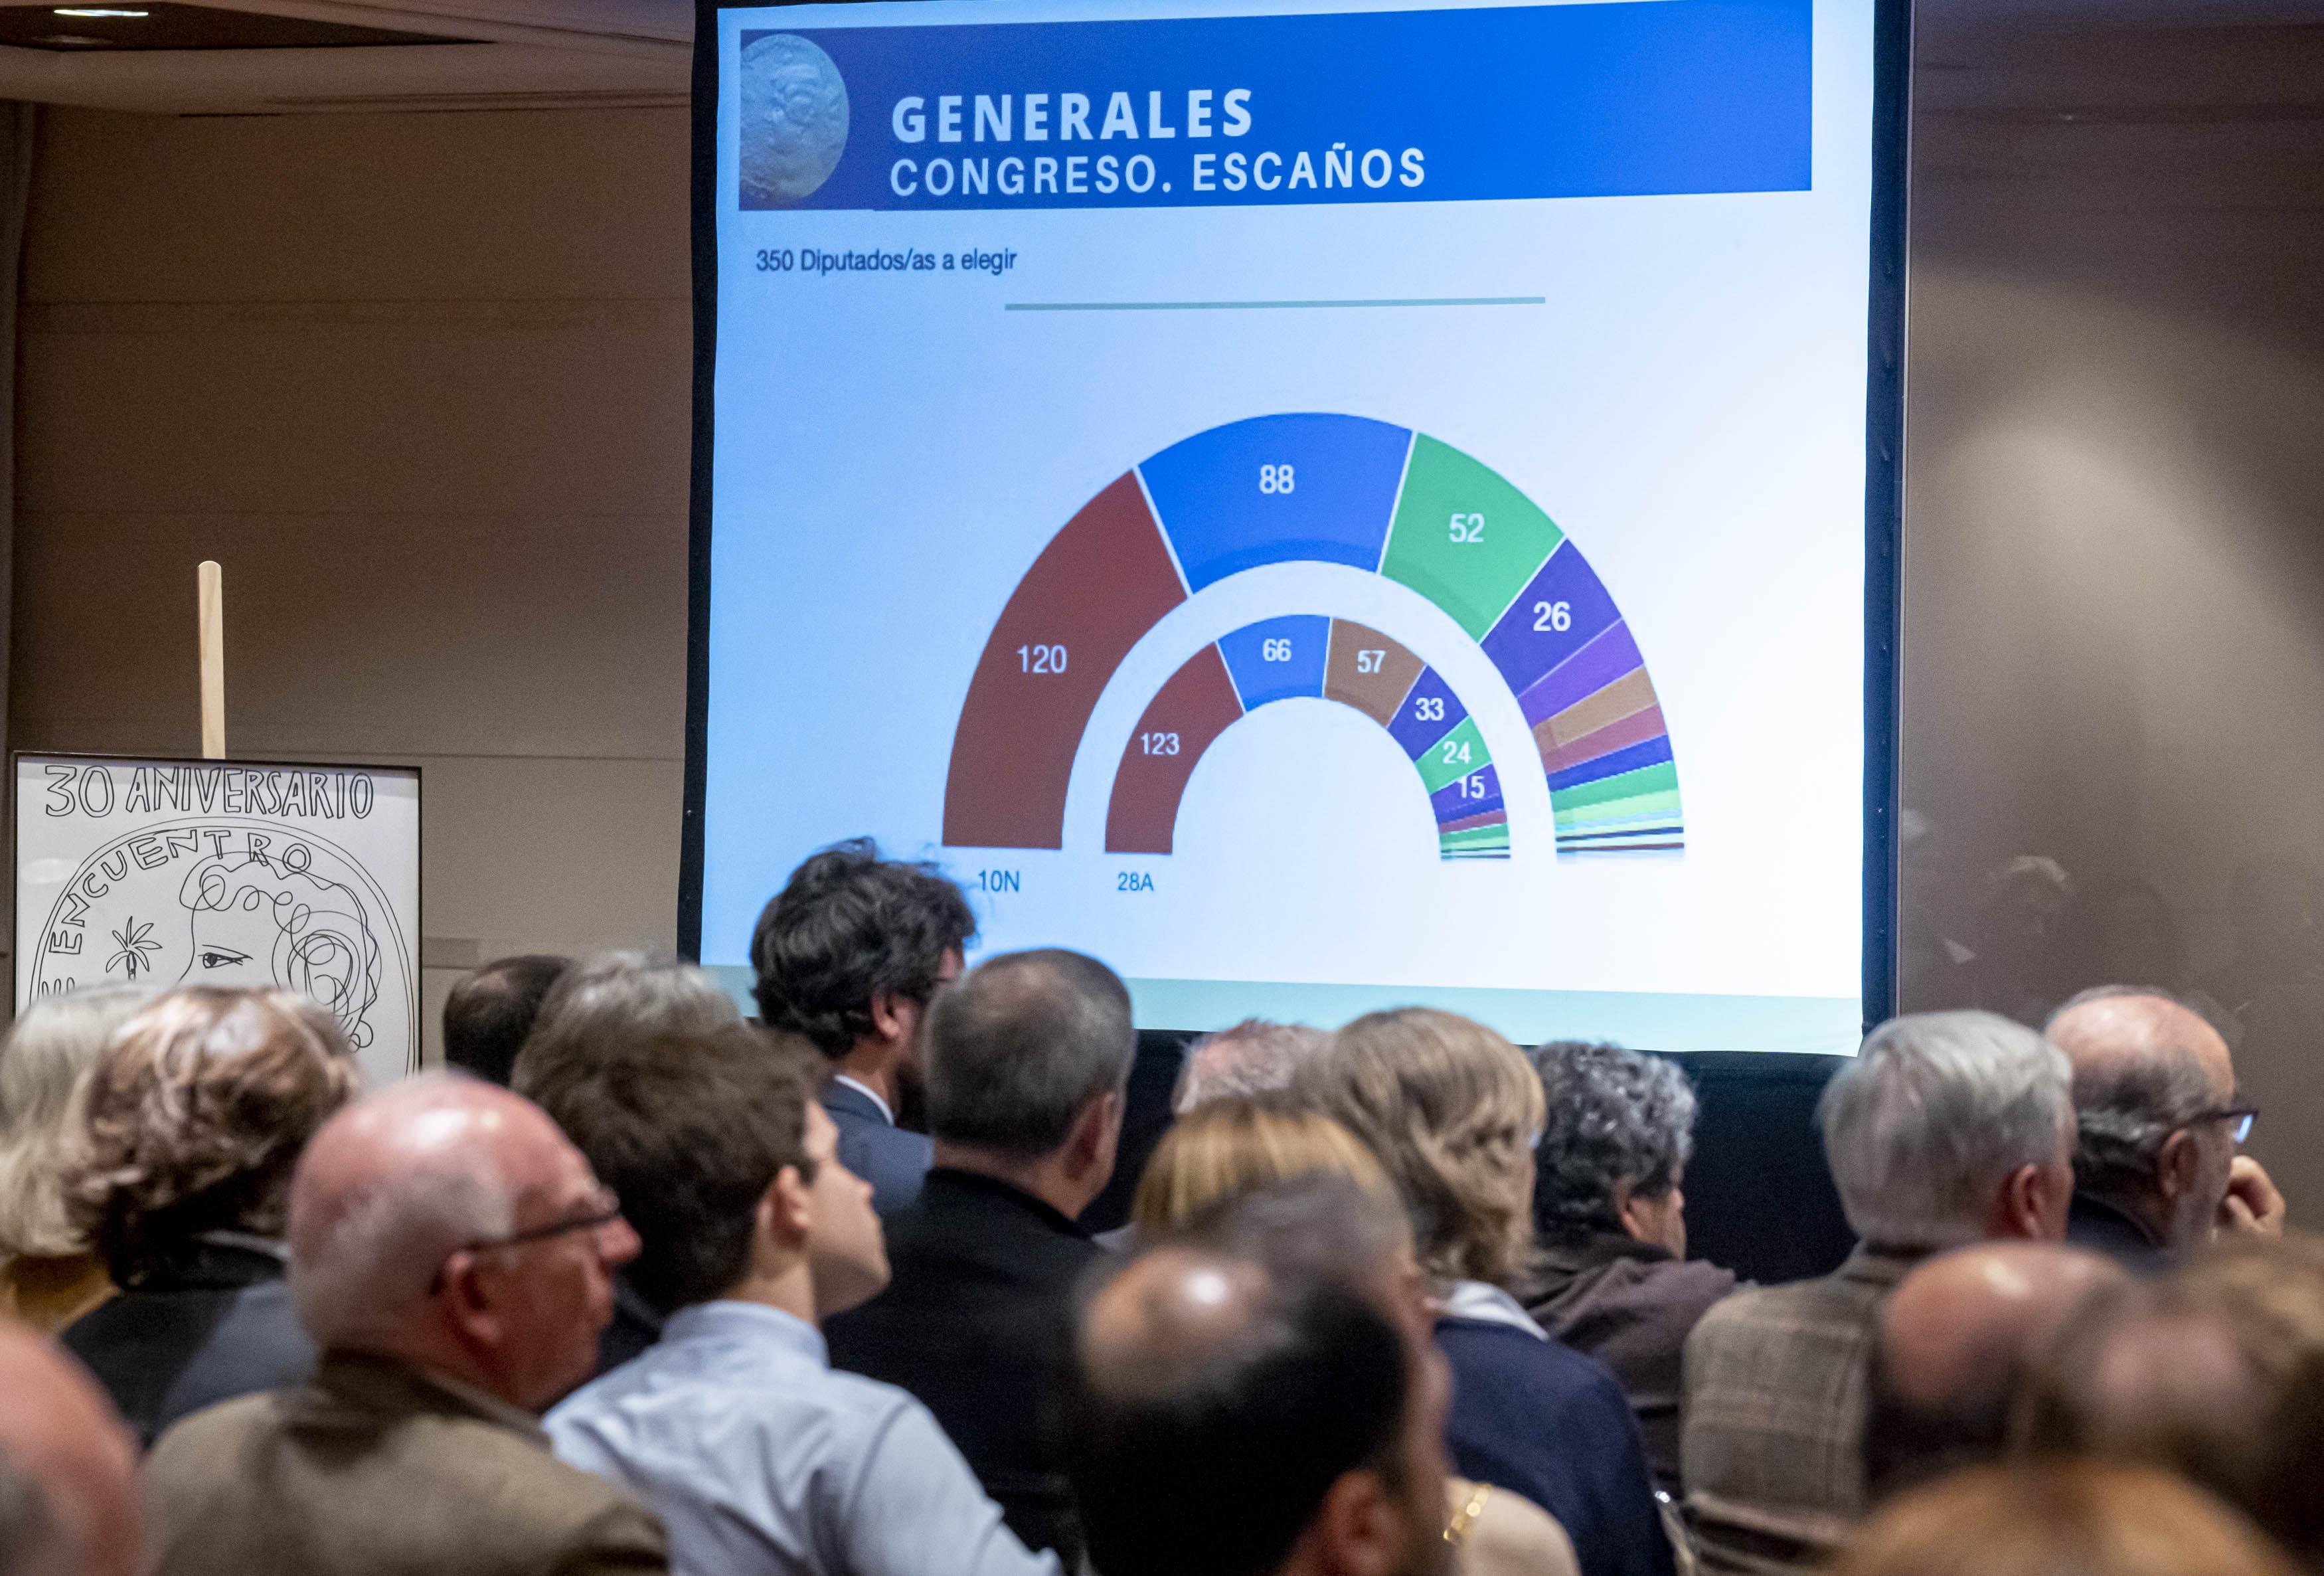 Los directores de medios valencianos analizan los resultados electorales del 10N XV